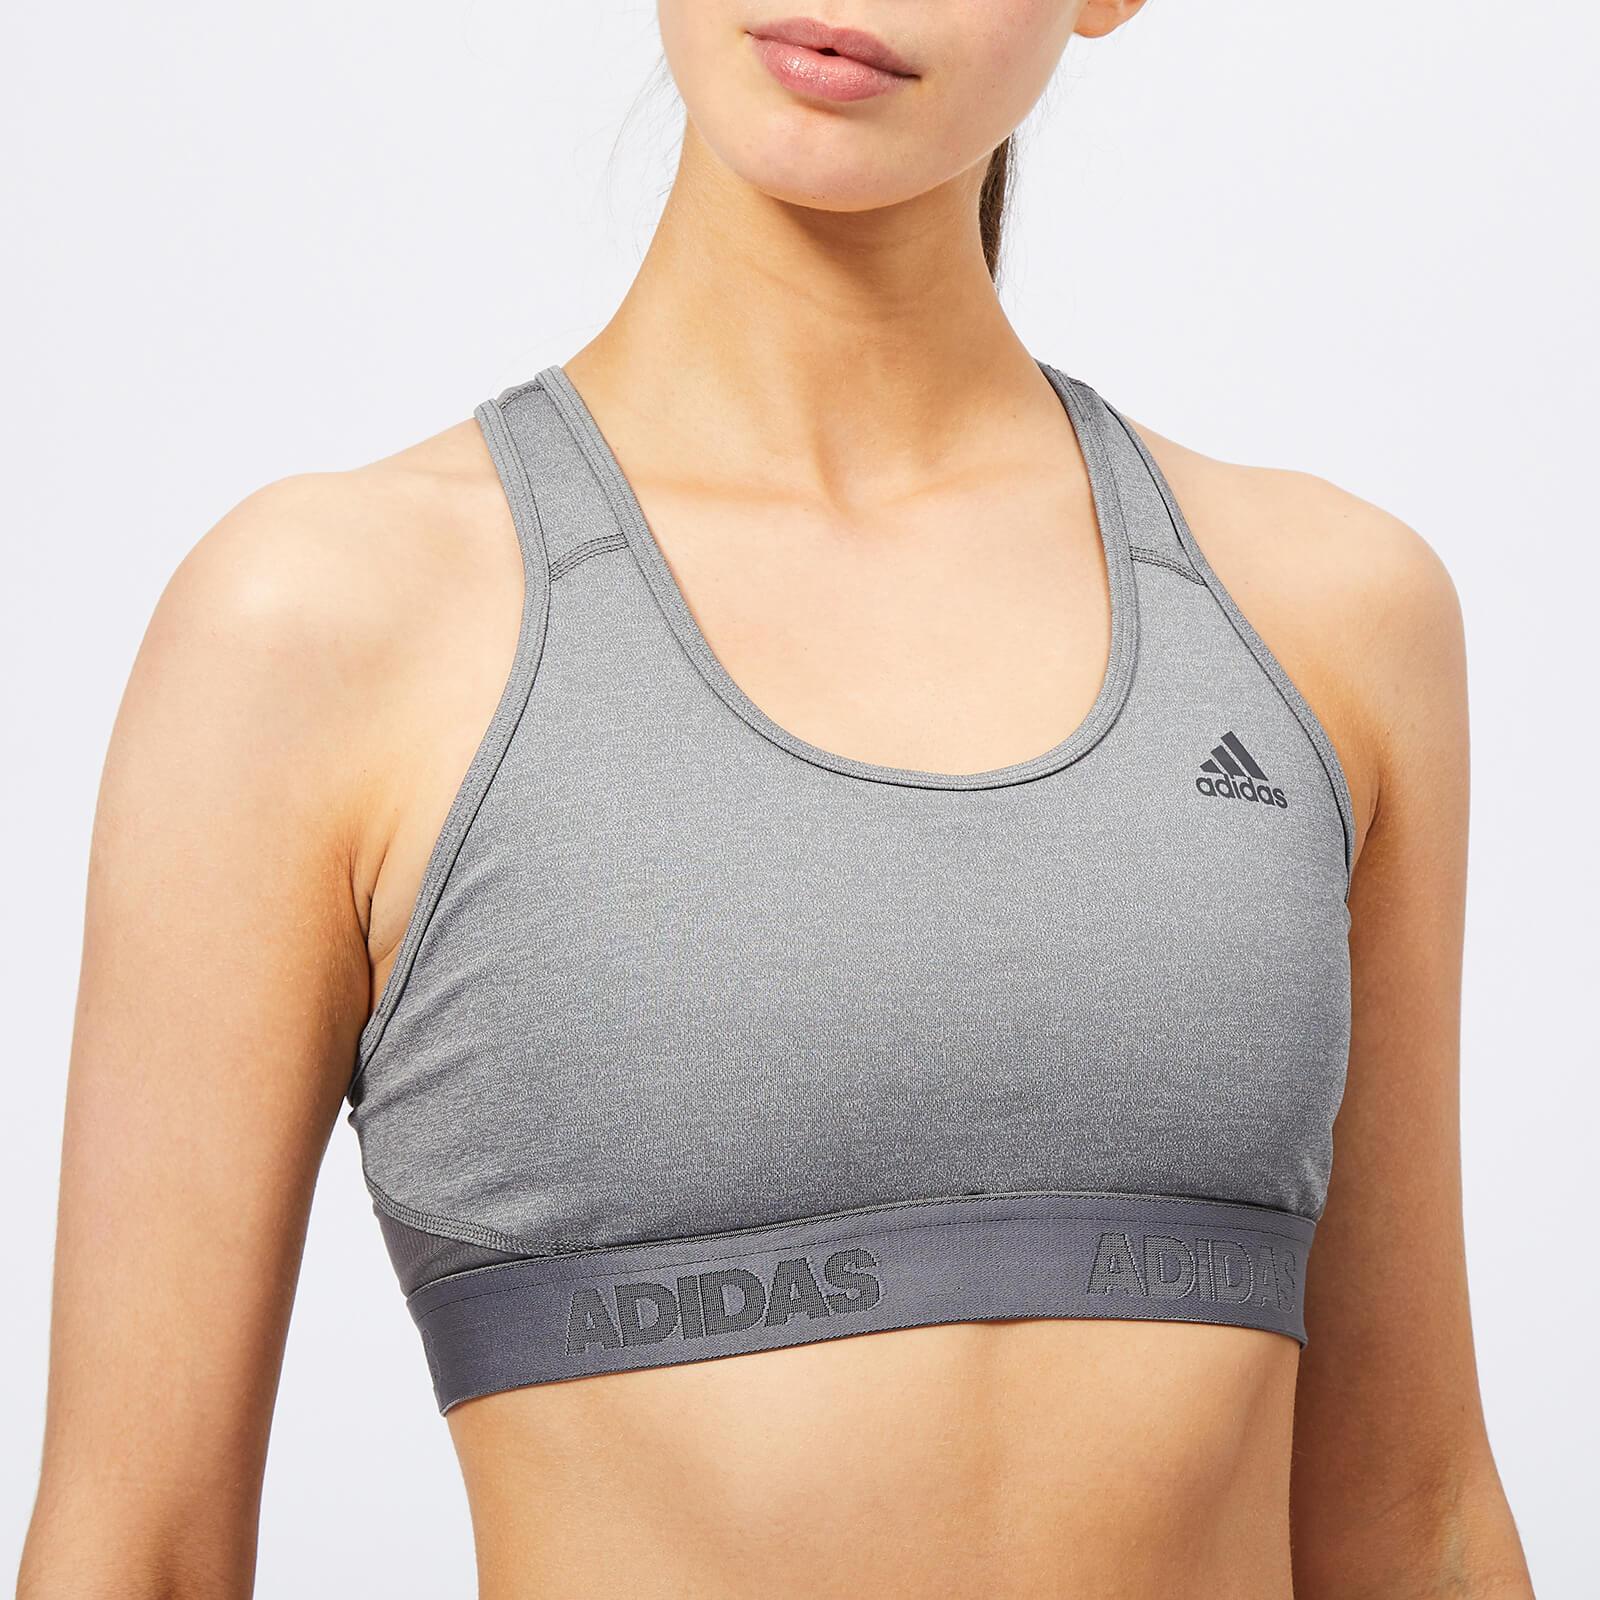 adidas Women's Don't Rest Alphaskin Sports Bra - Grey - XS - Grey